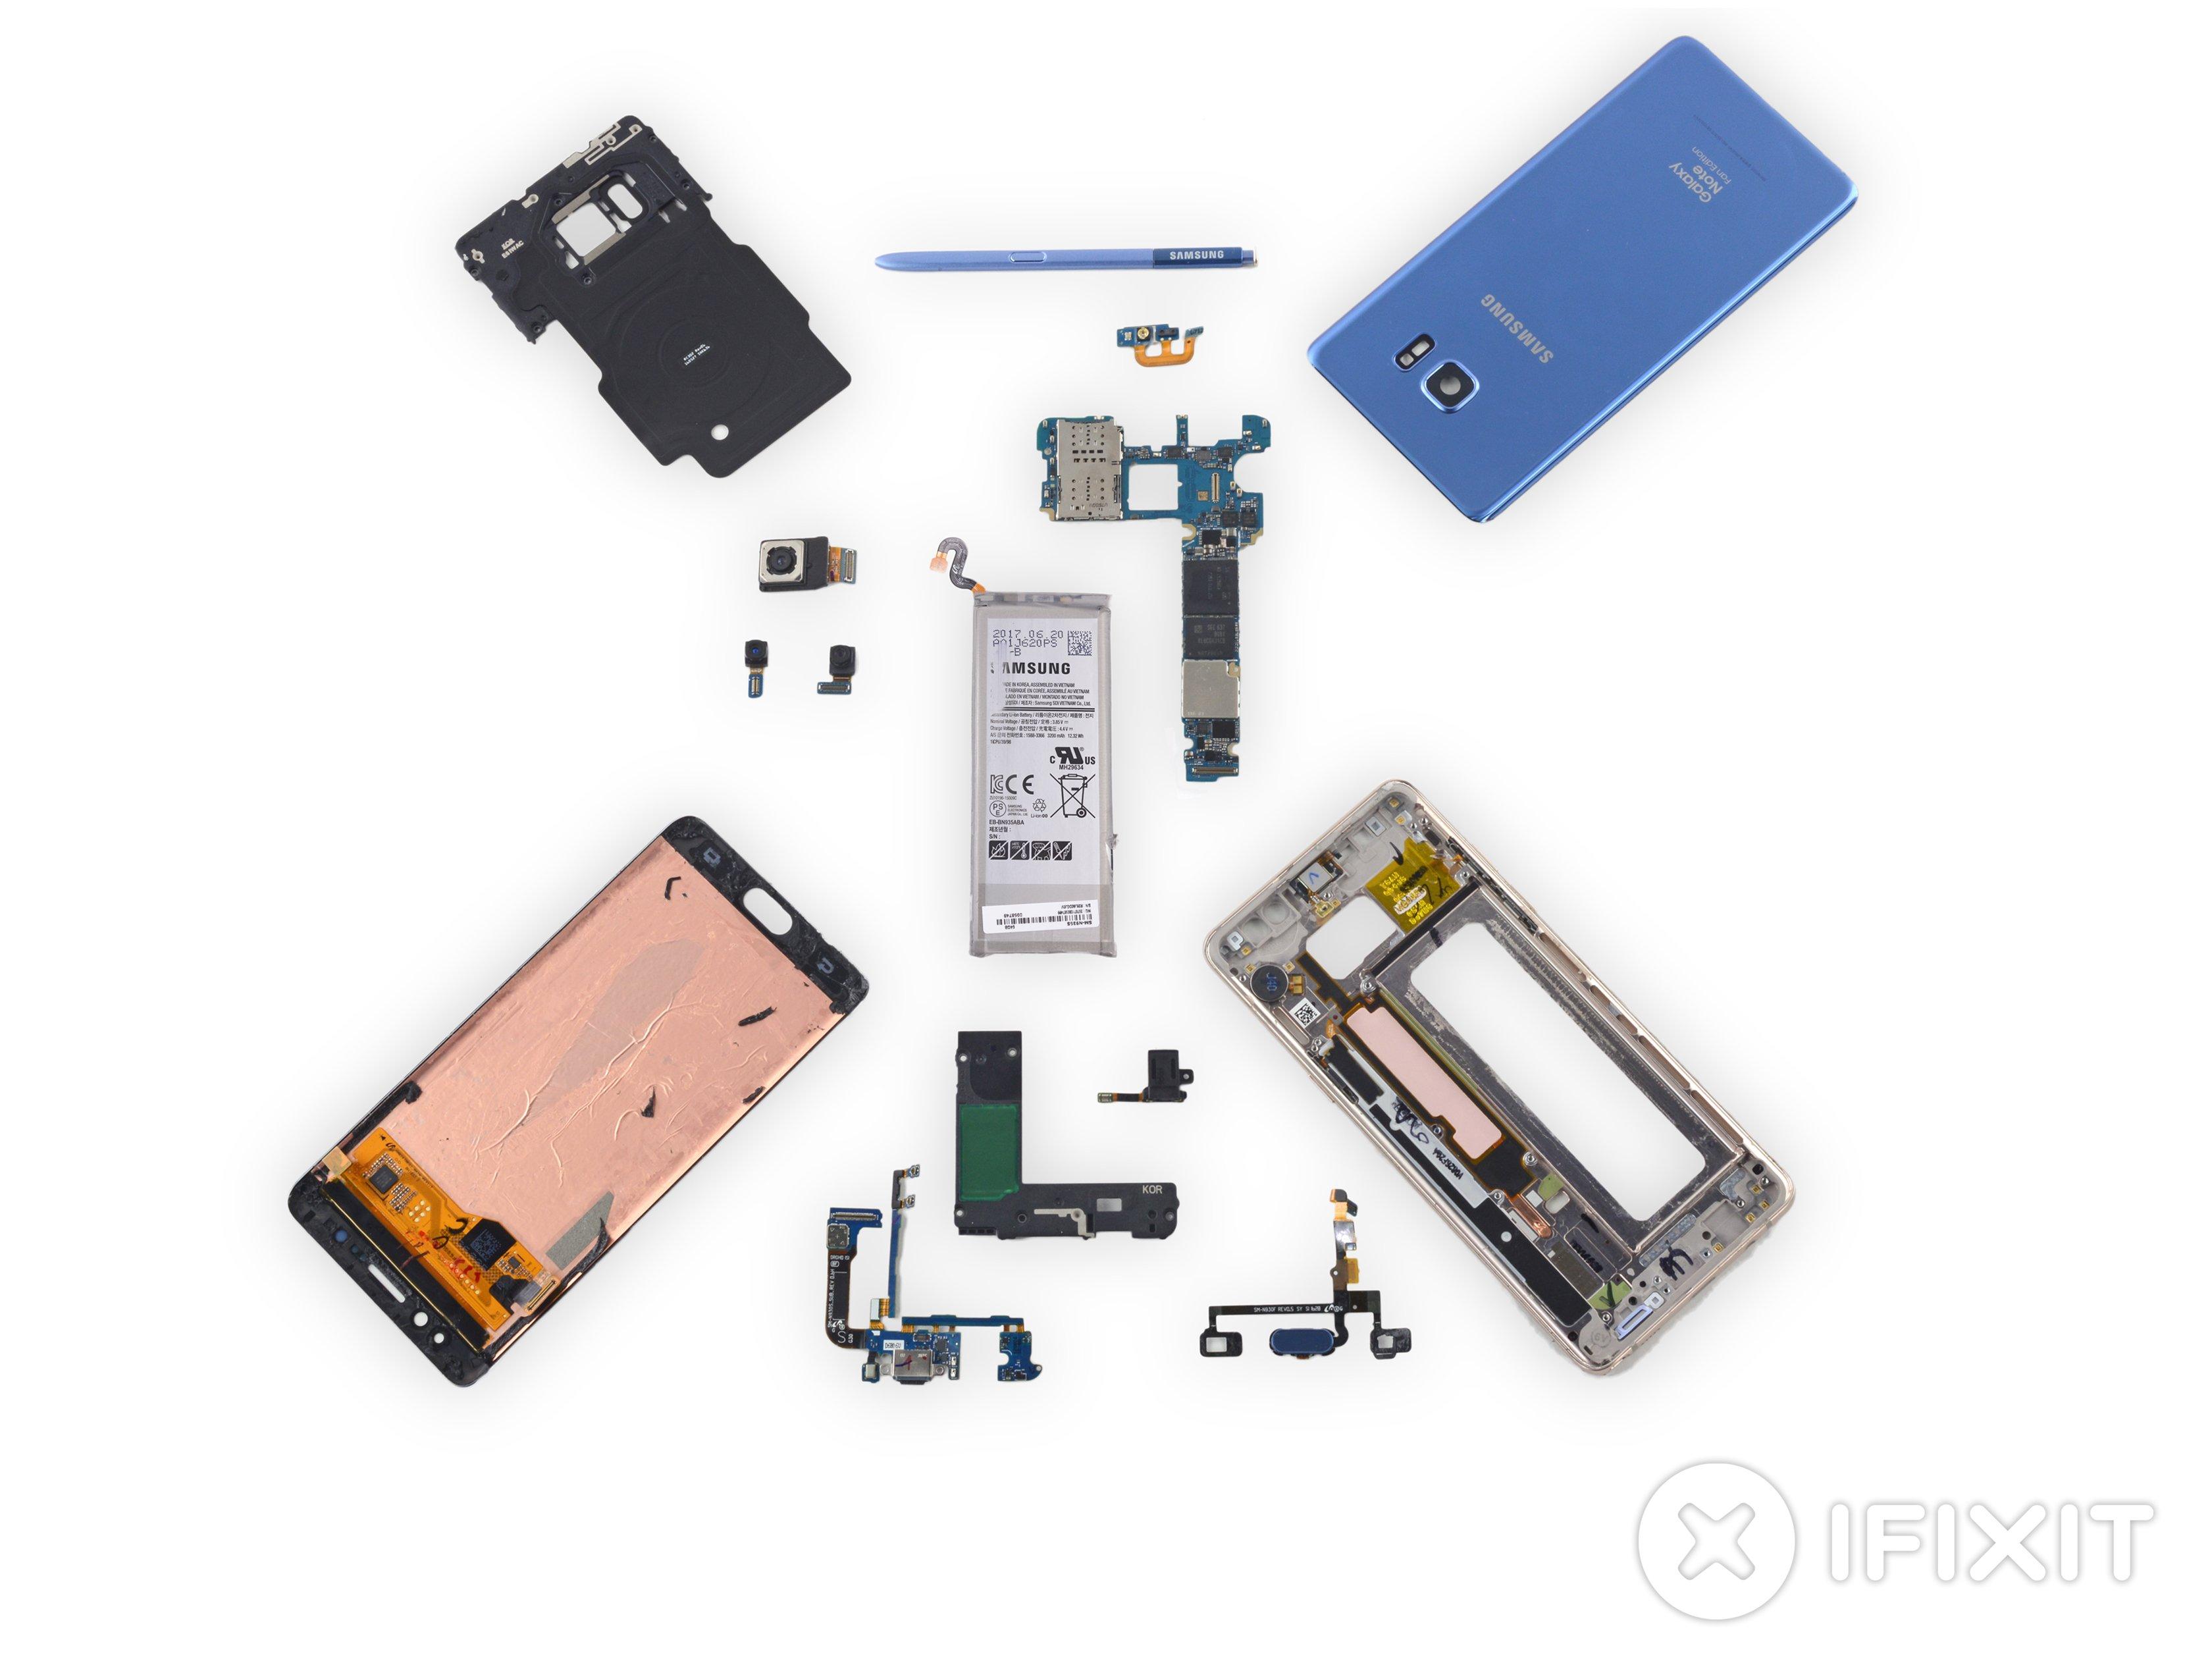 Samsung Galaxy Note Fe Teardown 3360x2520 Wallpaper Teahub Io